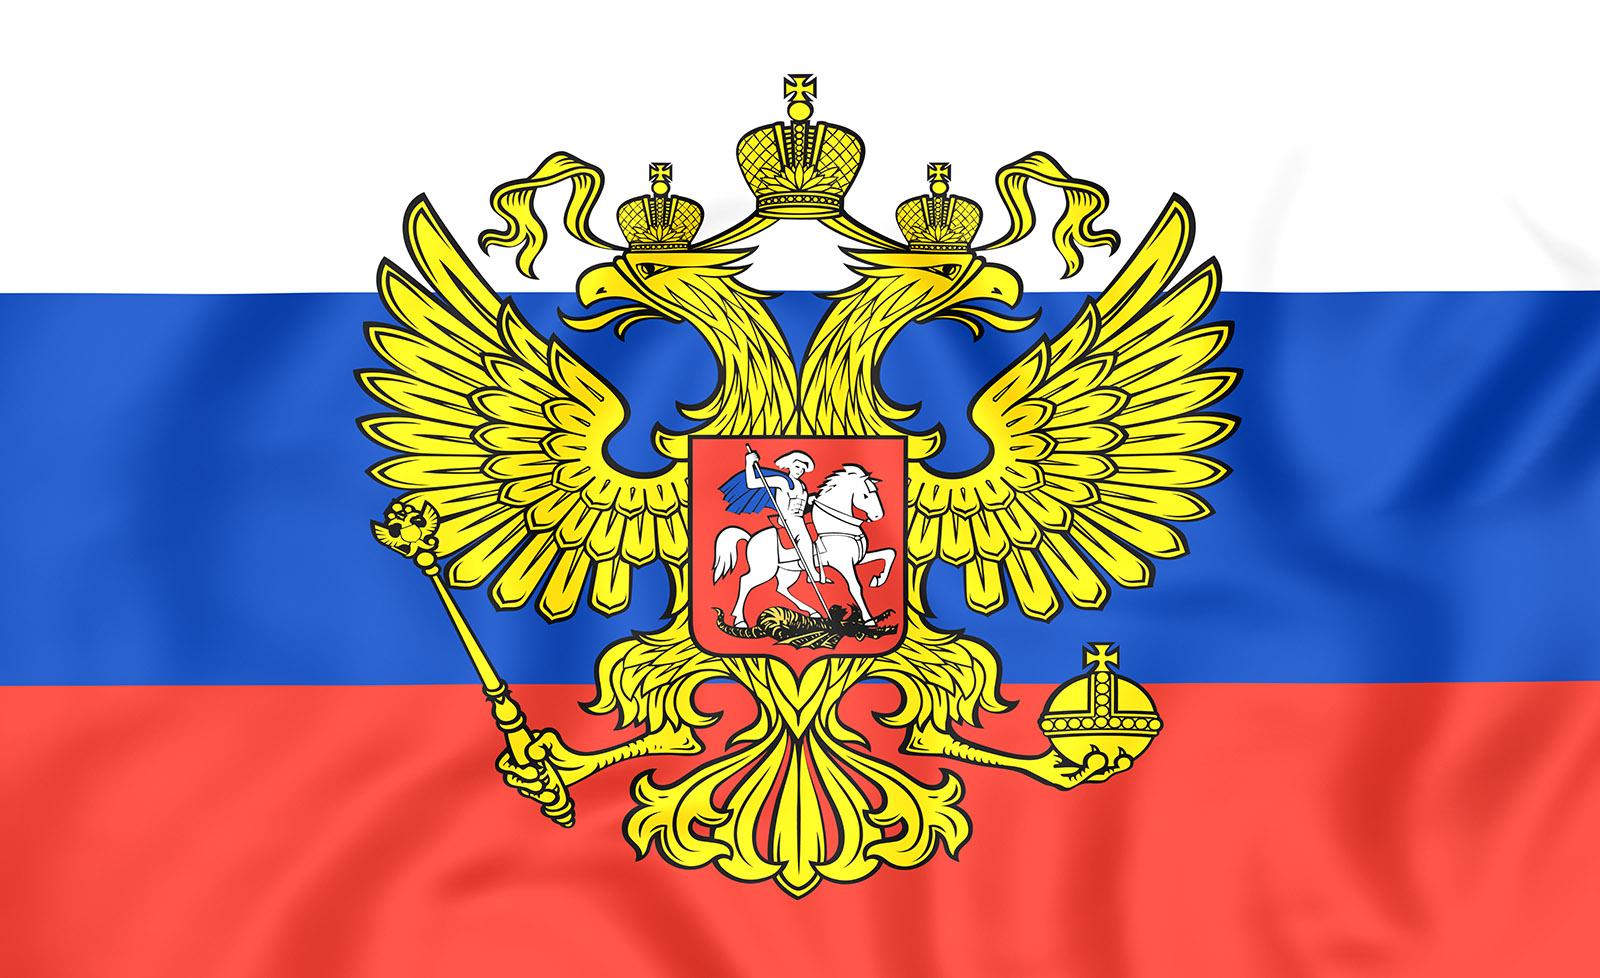 Είσαι Ρωσόφωνος; Συγχαρητήρια!